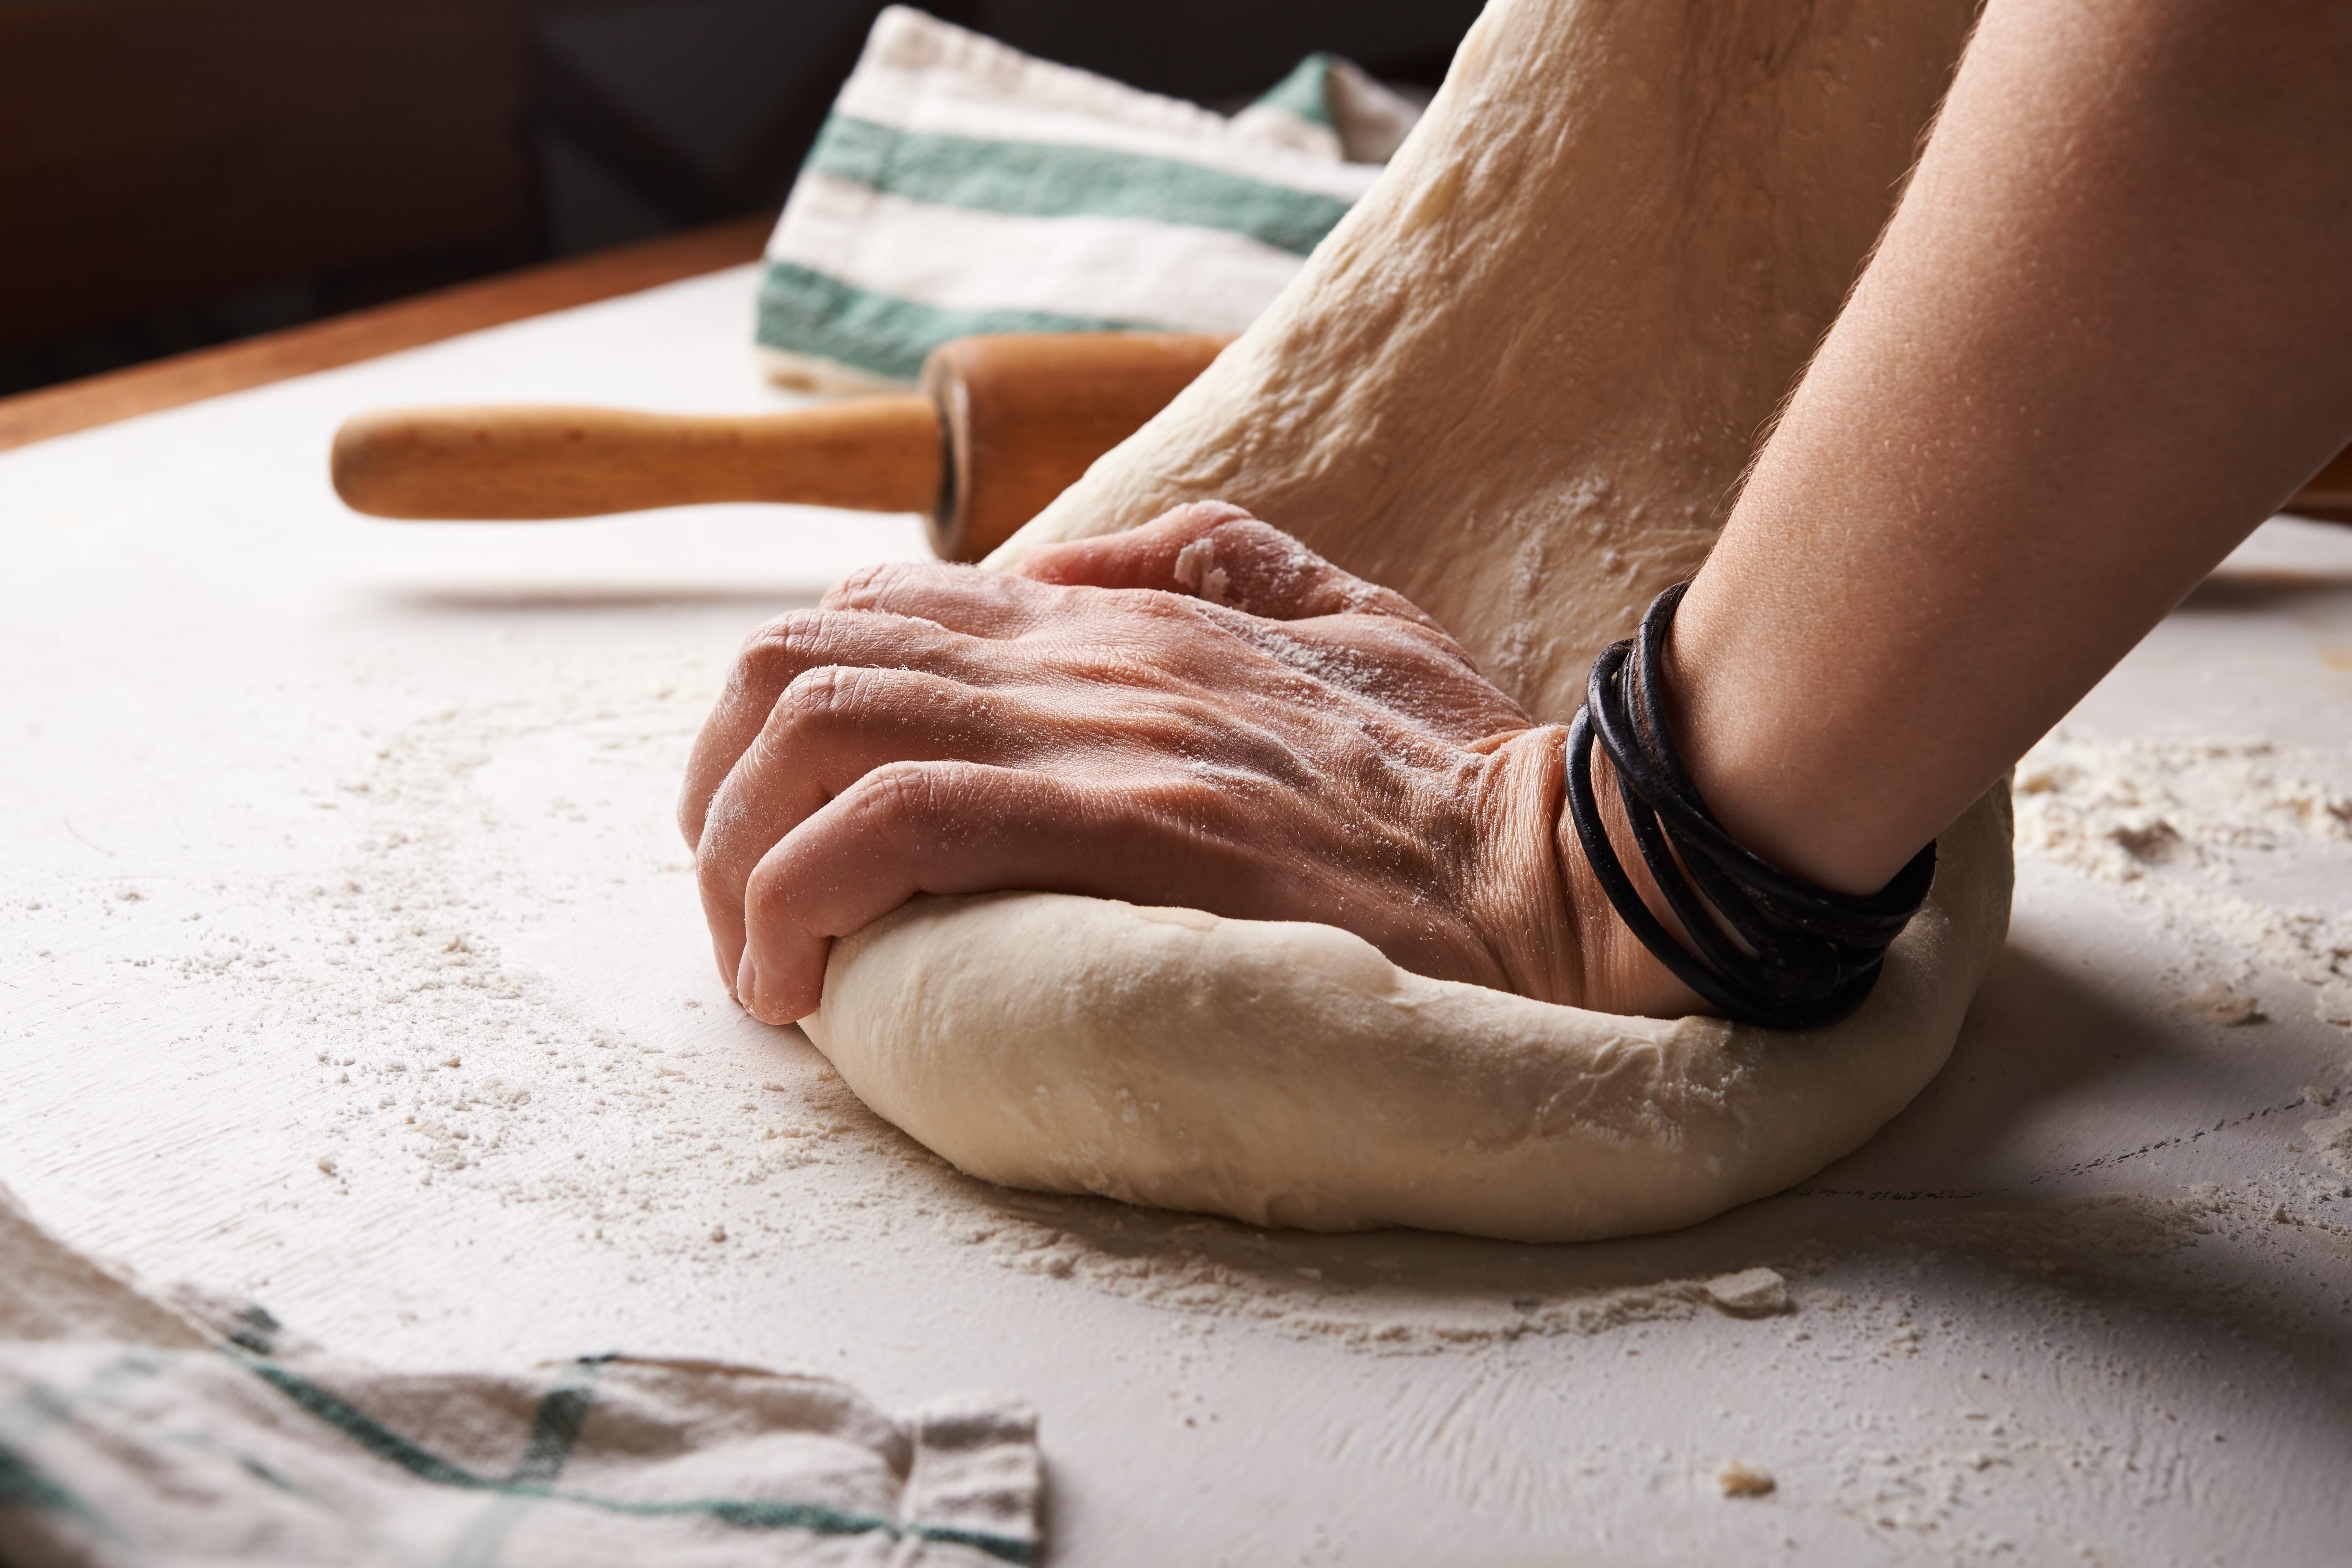 Mixing pasta dough